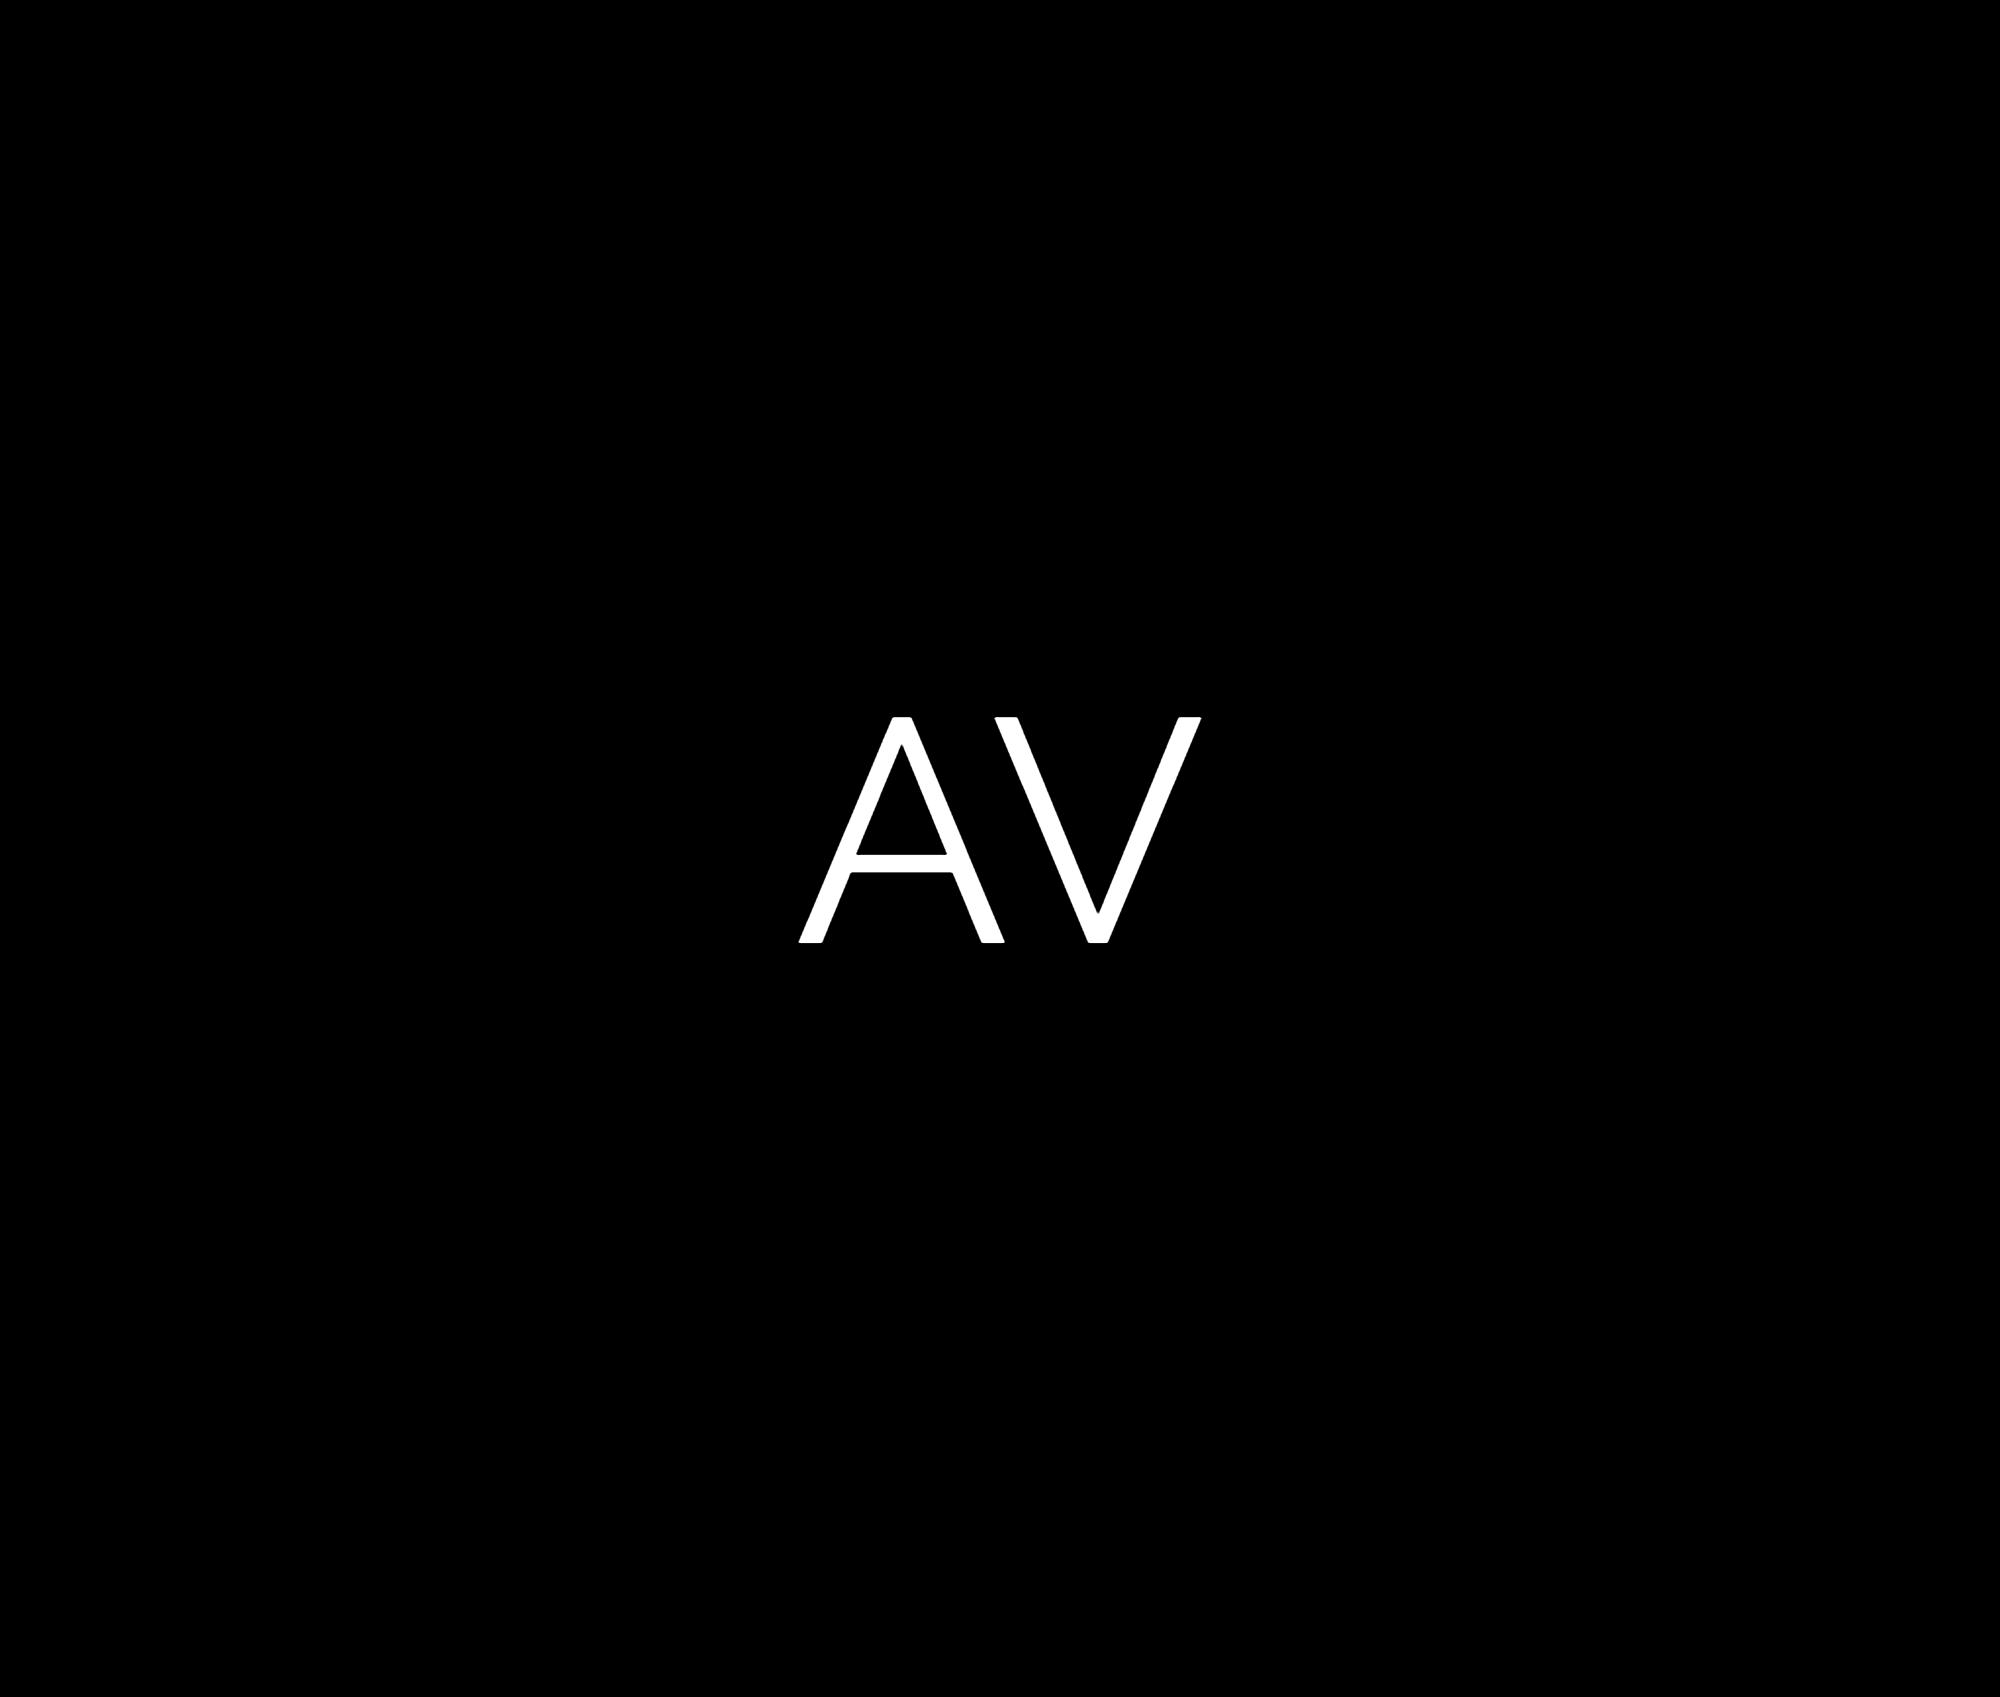 AV Photography